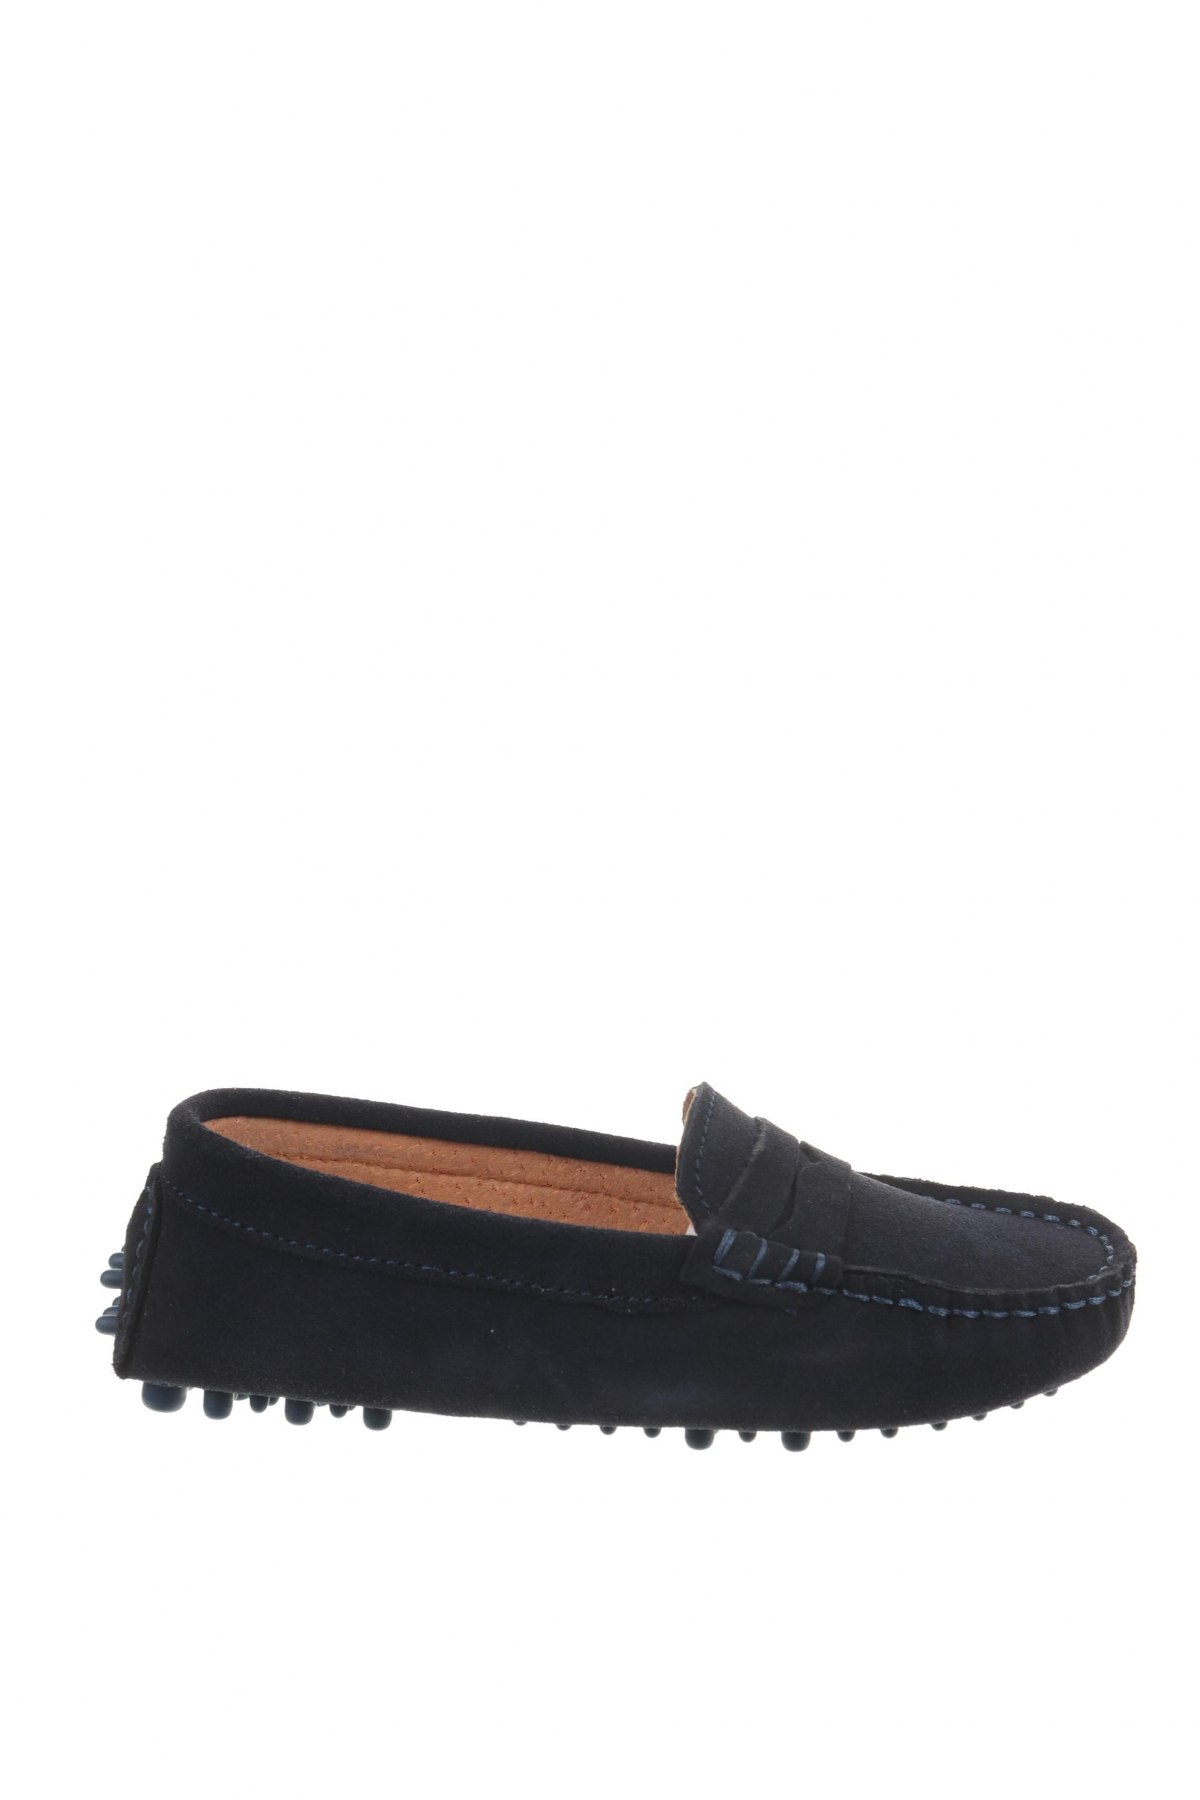 Παιδικά παπούτσια John Scott, Μέγεθος 29, Χρώμα Μπλέ, Φυσικό σουέτ, Τιμή 27,60€